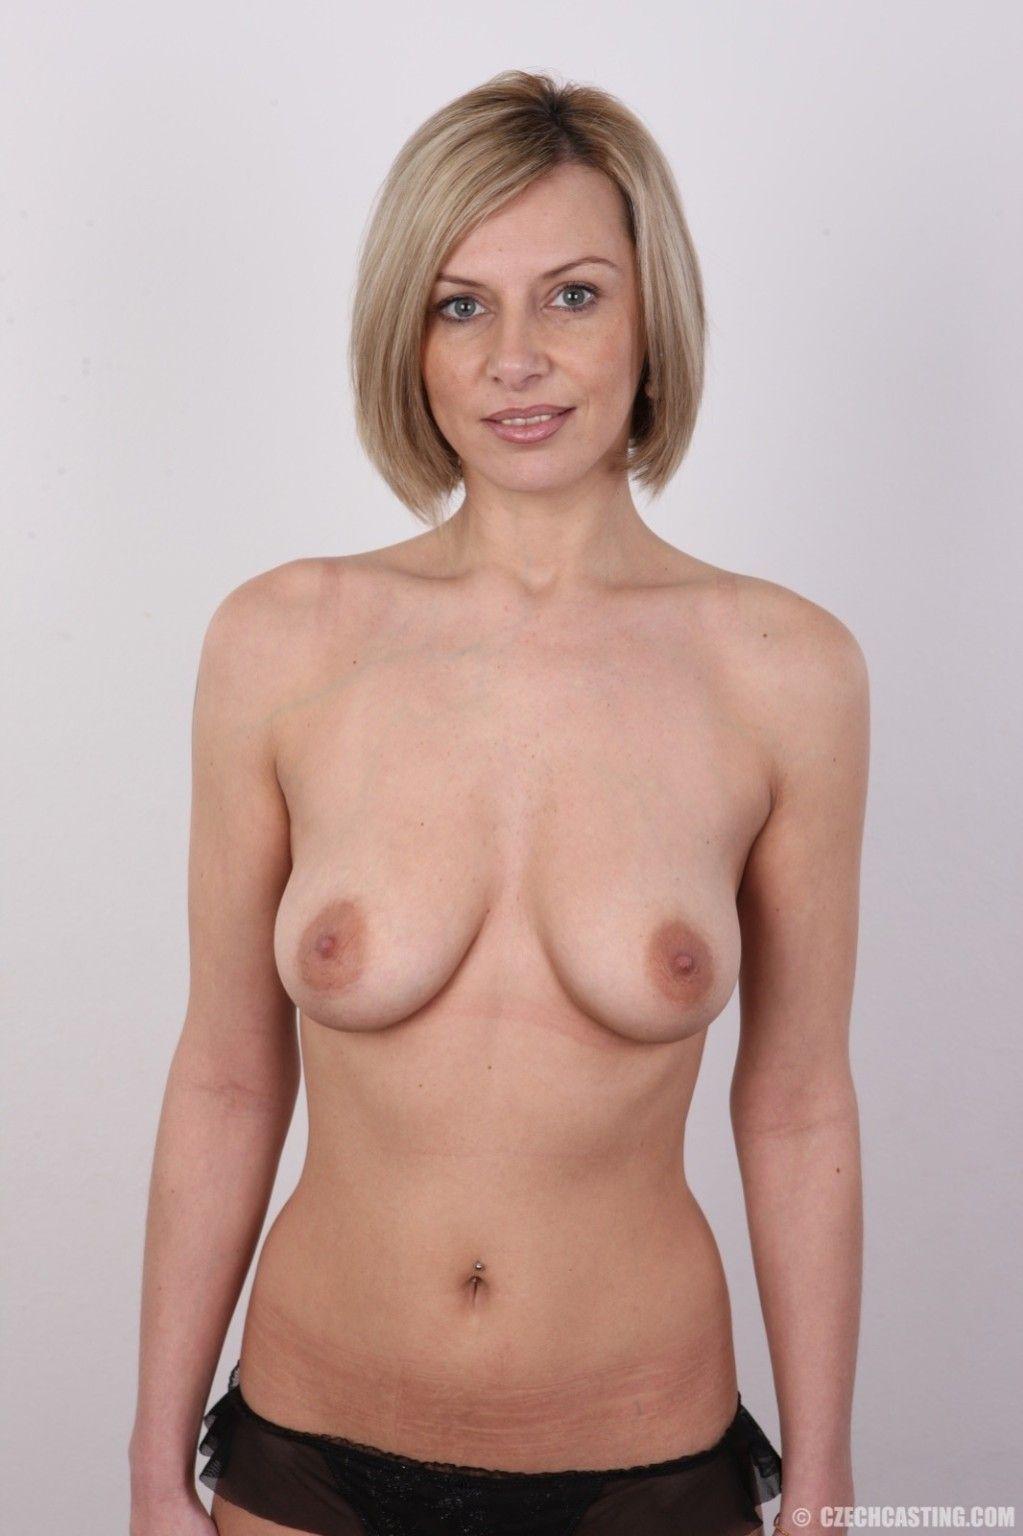 ryan sheckler nude pics